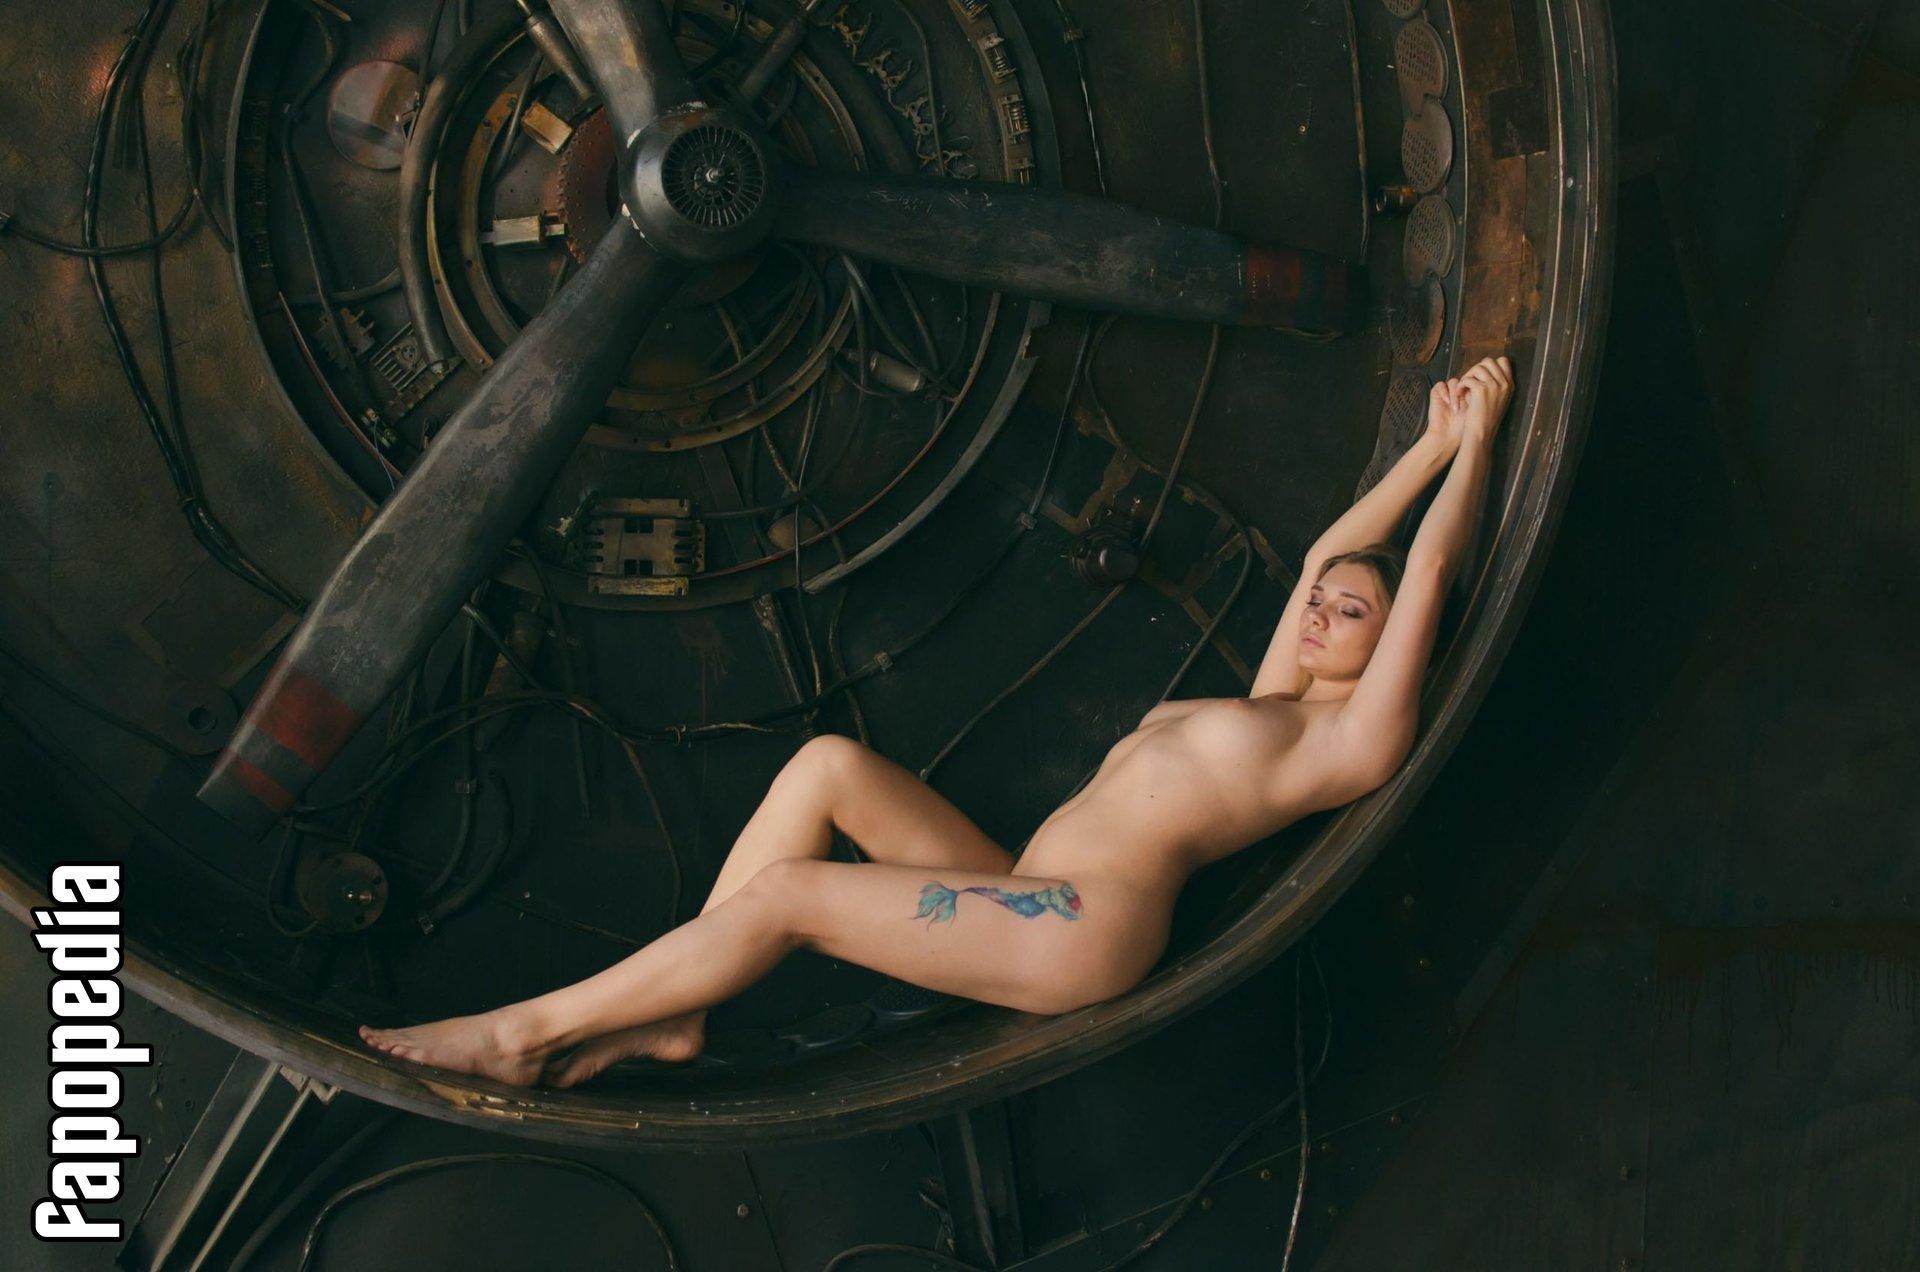 Natalia Tihomirova Nude OnlyFans Leaks